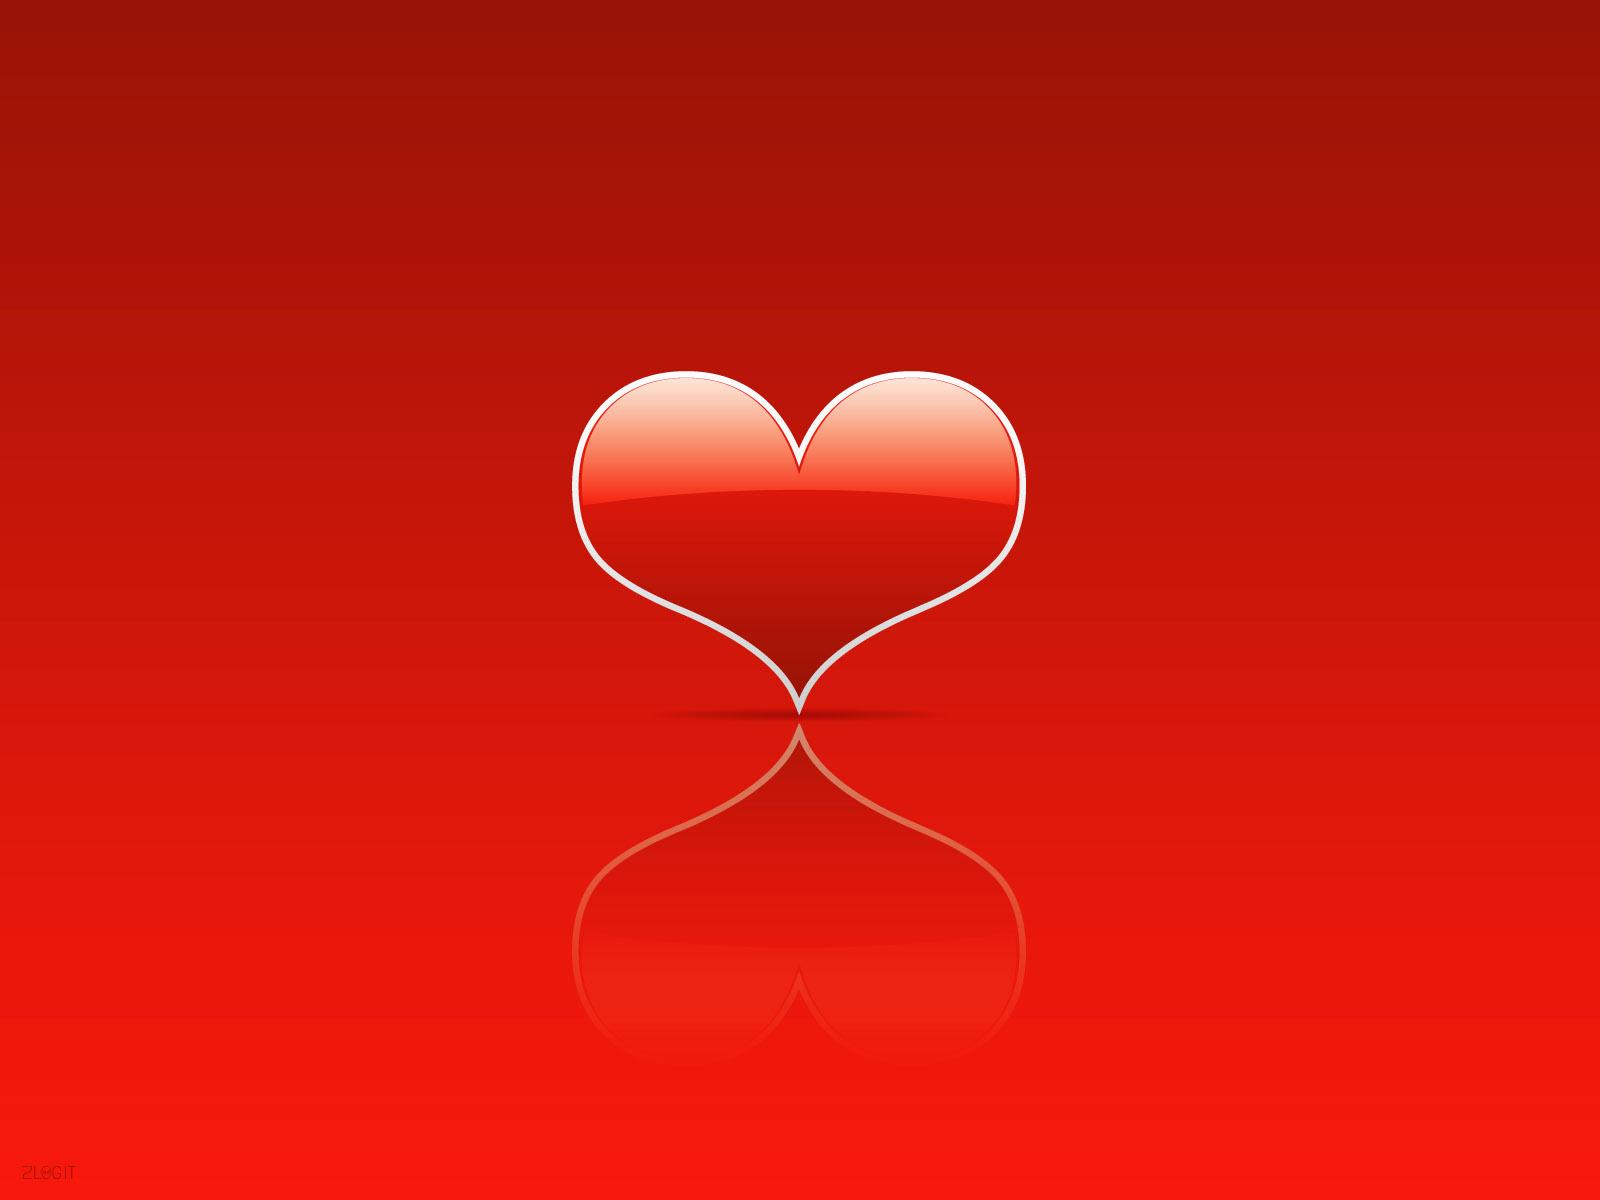 Красное сердце, скачать фото, обои для рабочего стола, red heart wallpaper